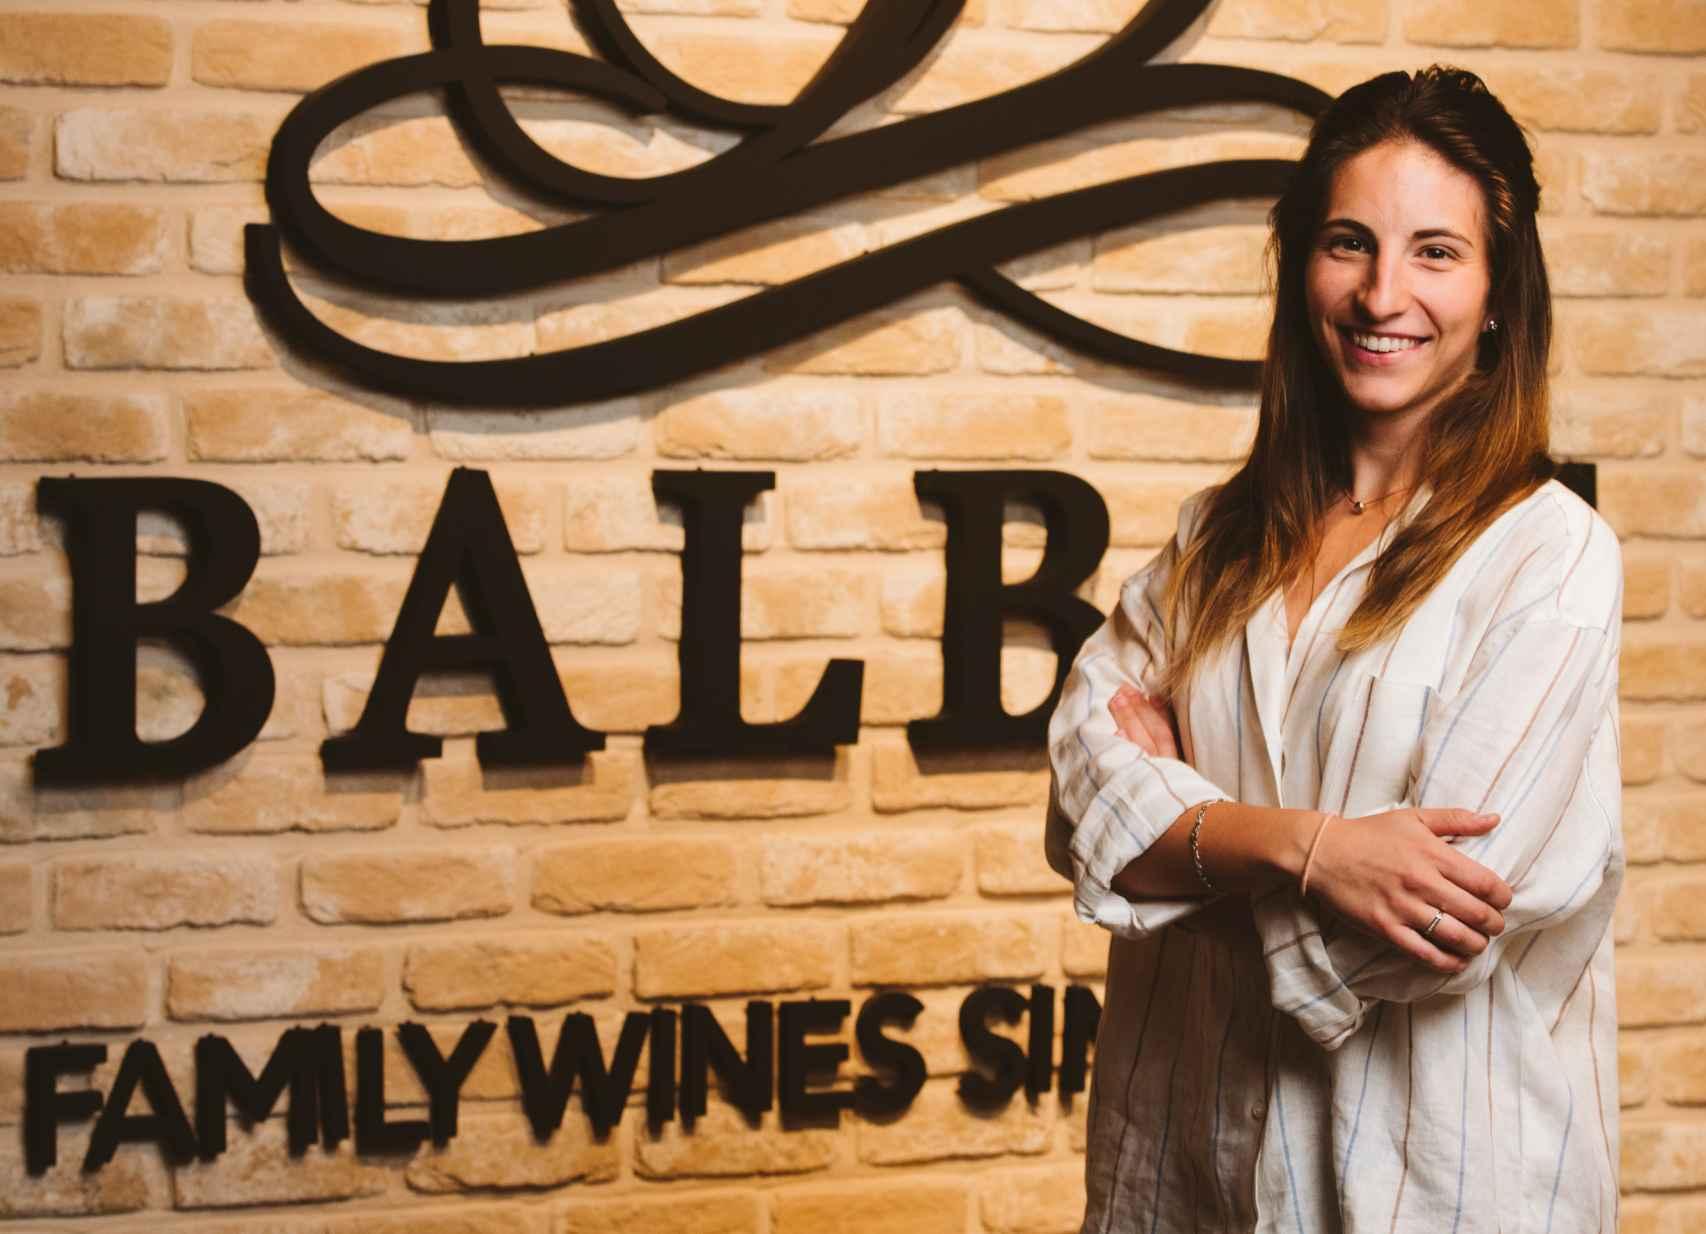 Patricia Balbás, Directora Comercial de Balbás.